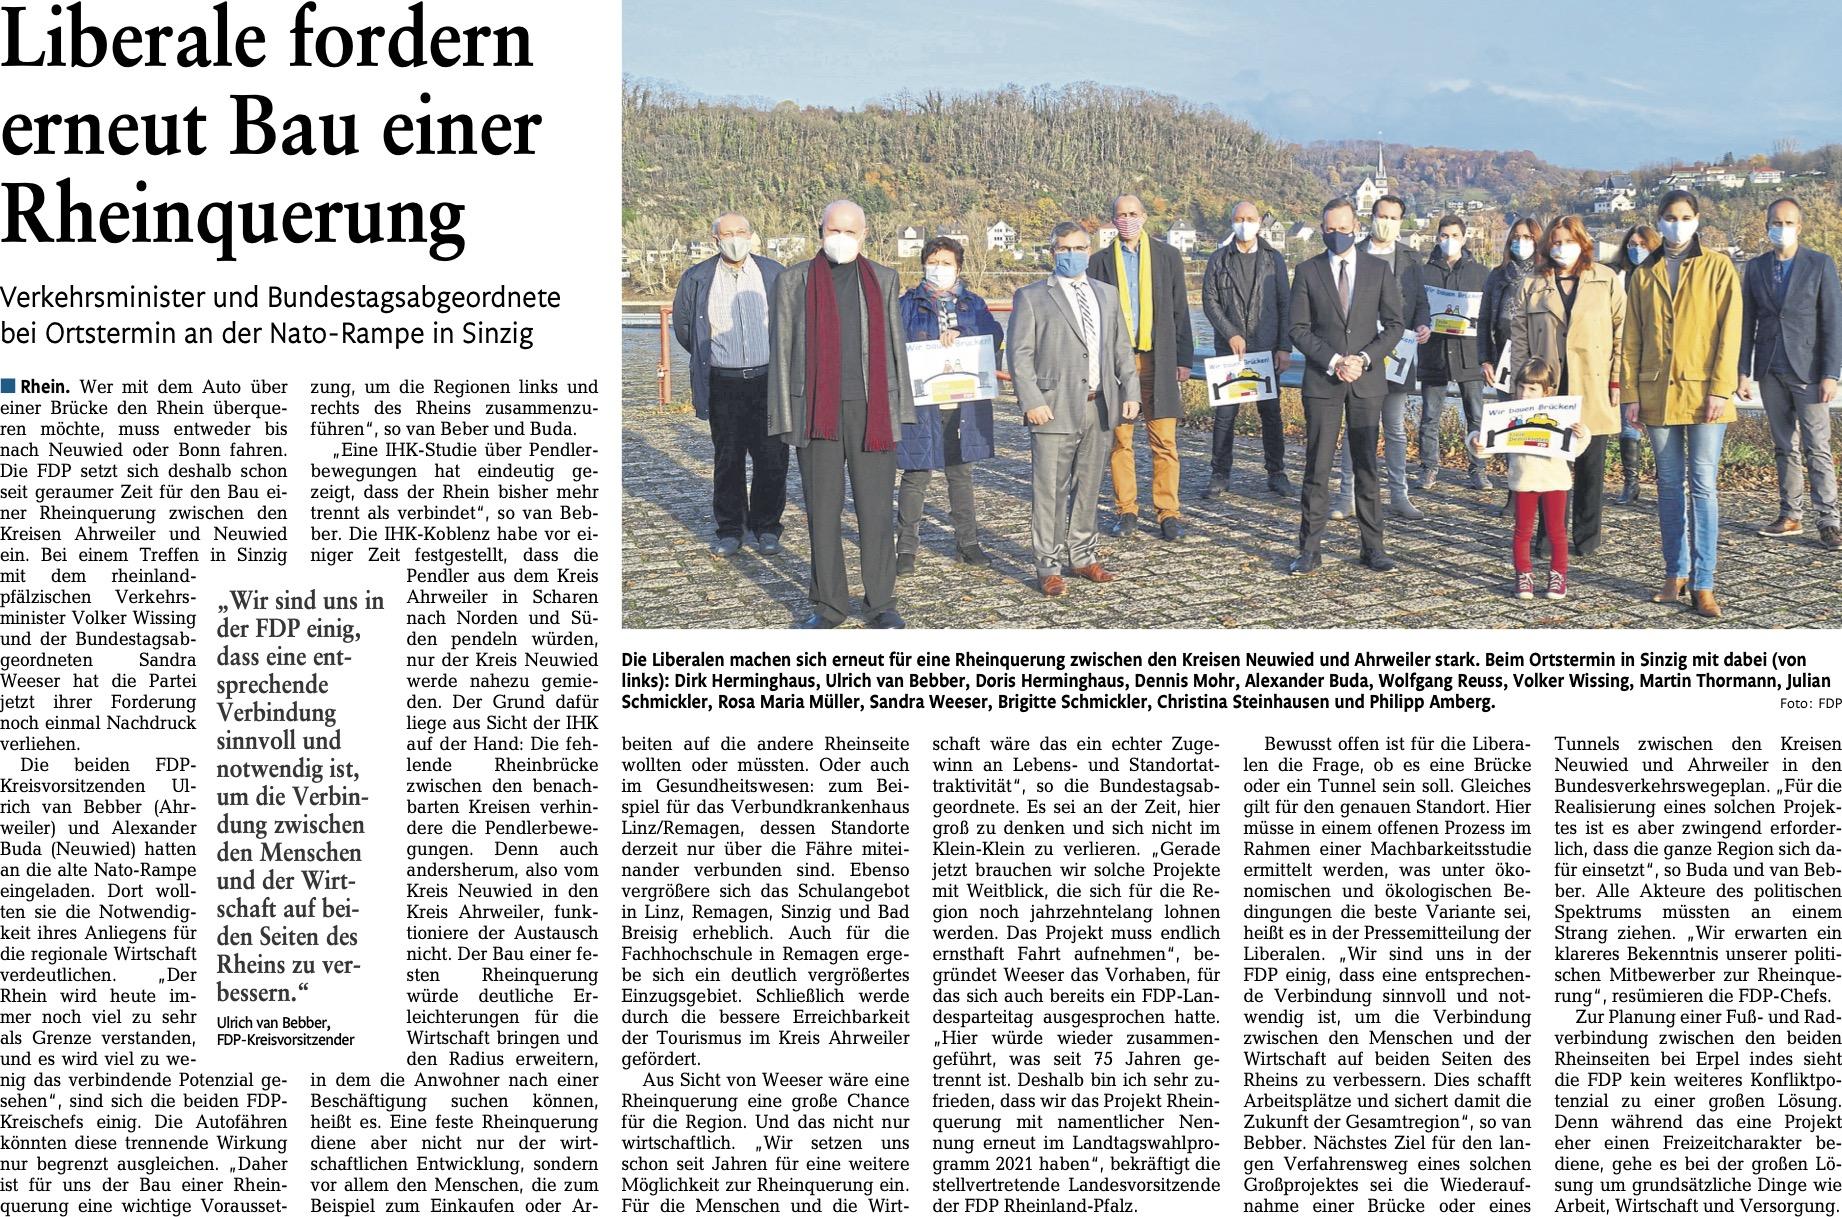 Liberale fordern erneut Bau einer Rheinquerung